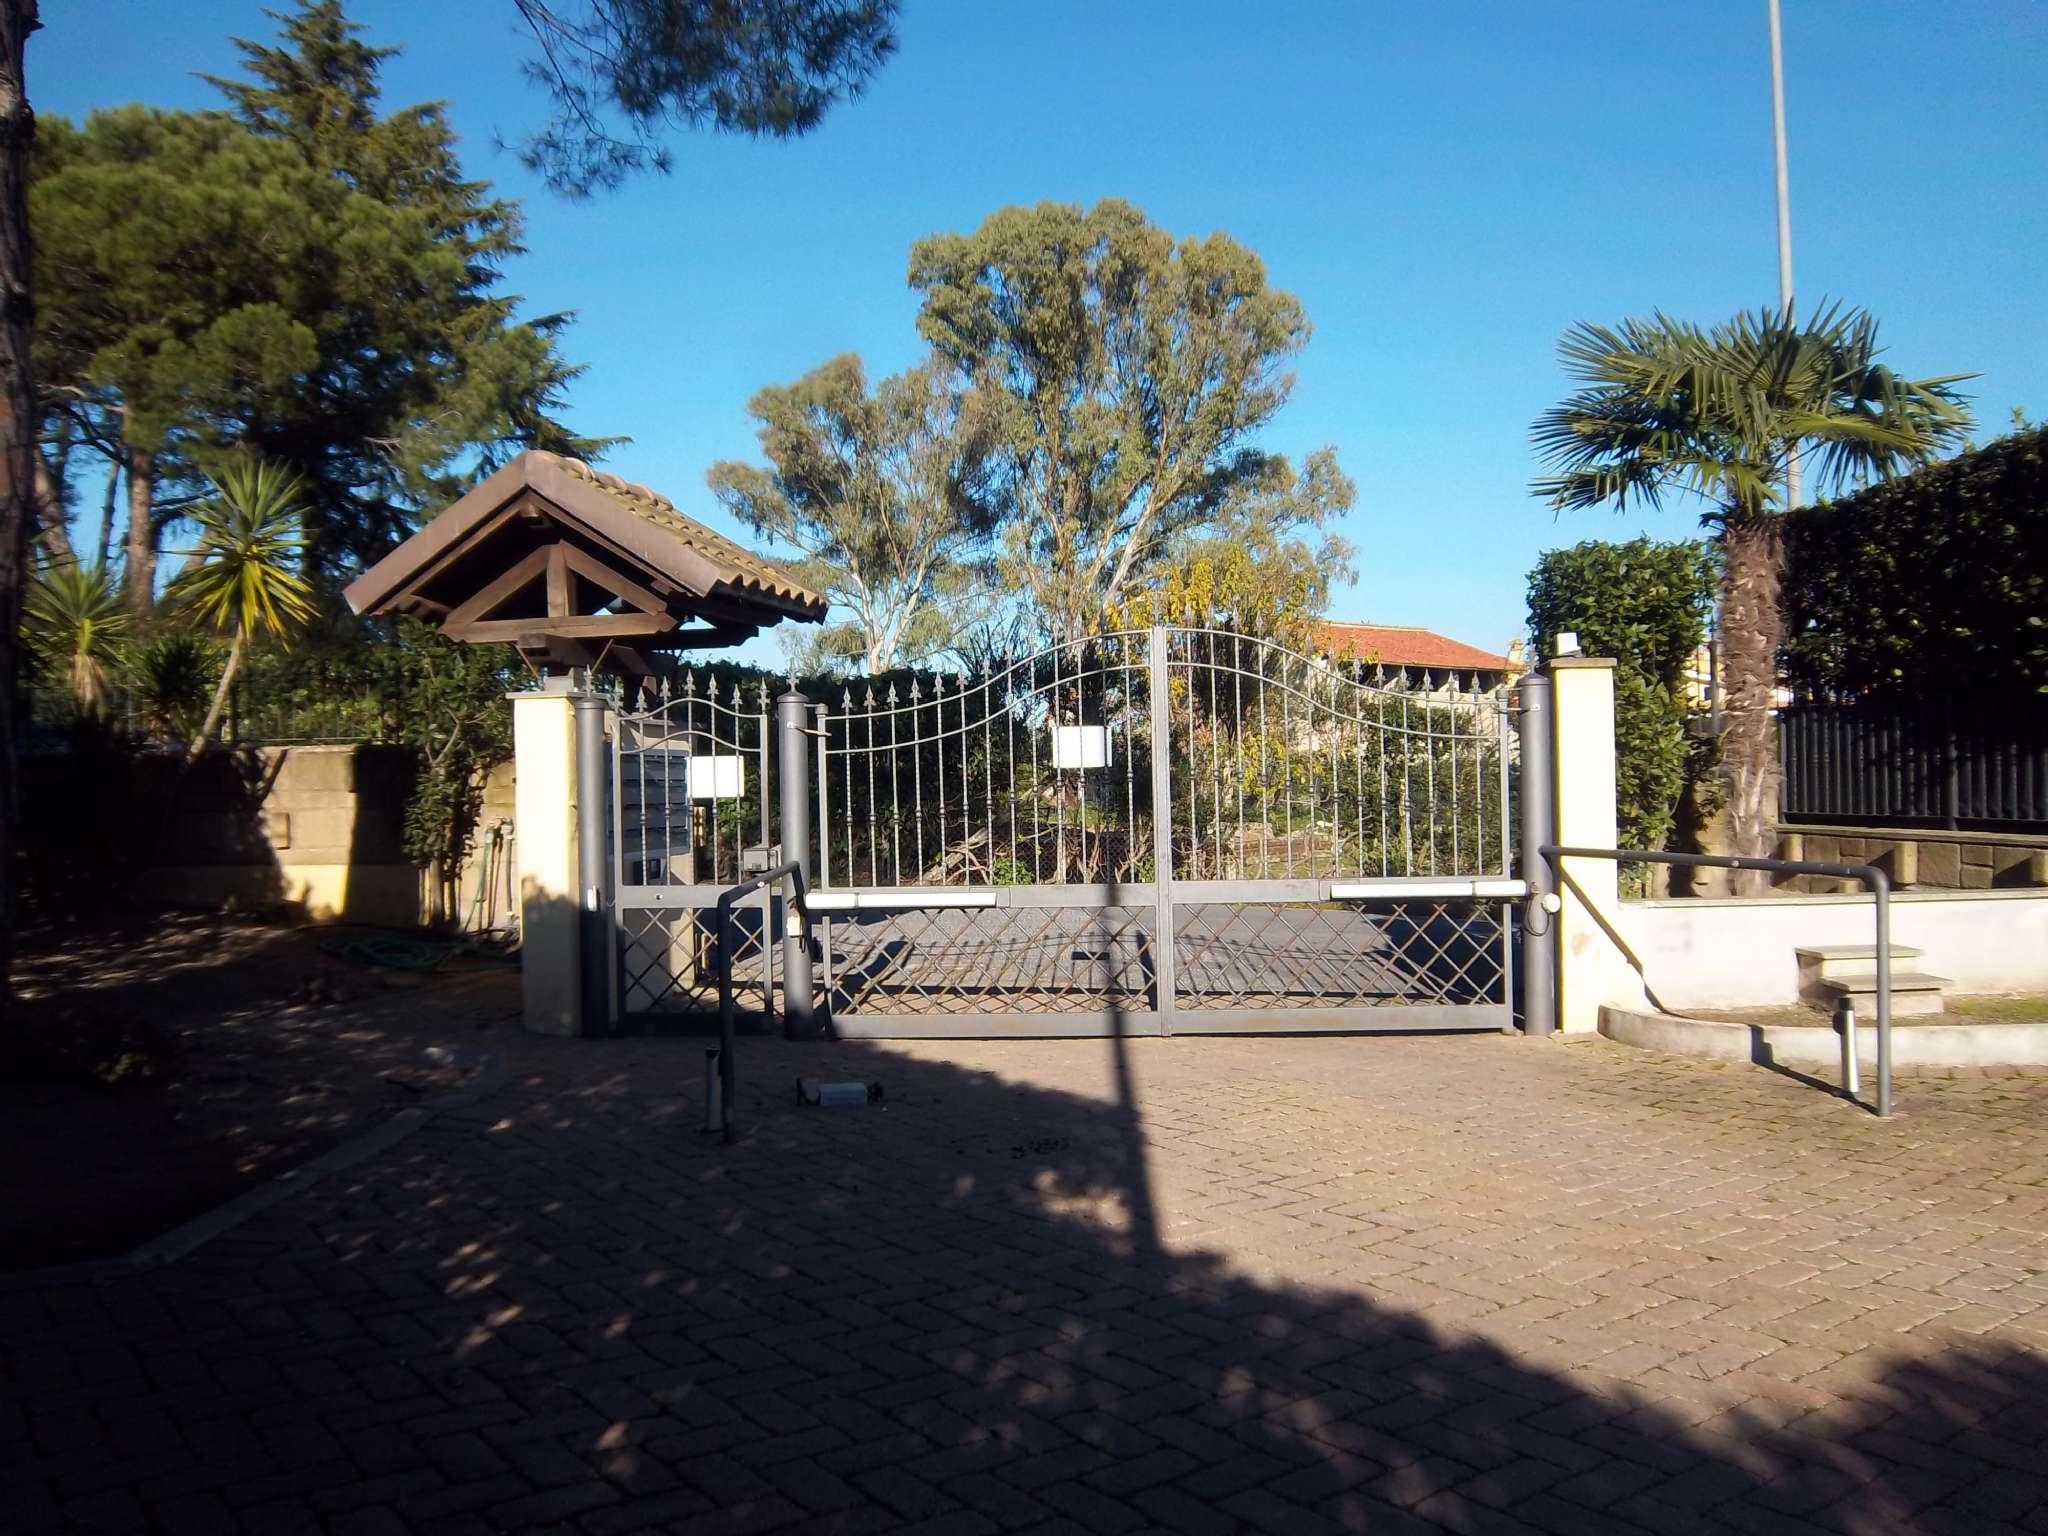 Villa Bifamiliare in vendita a Roma, 5 locali, zona Zona: 27 . Aurelio - Boccea, prezzo € 420.000 | CambioCasa.it